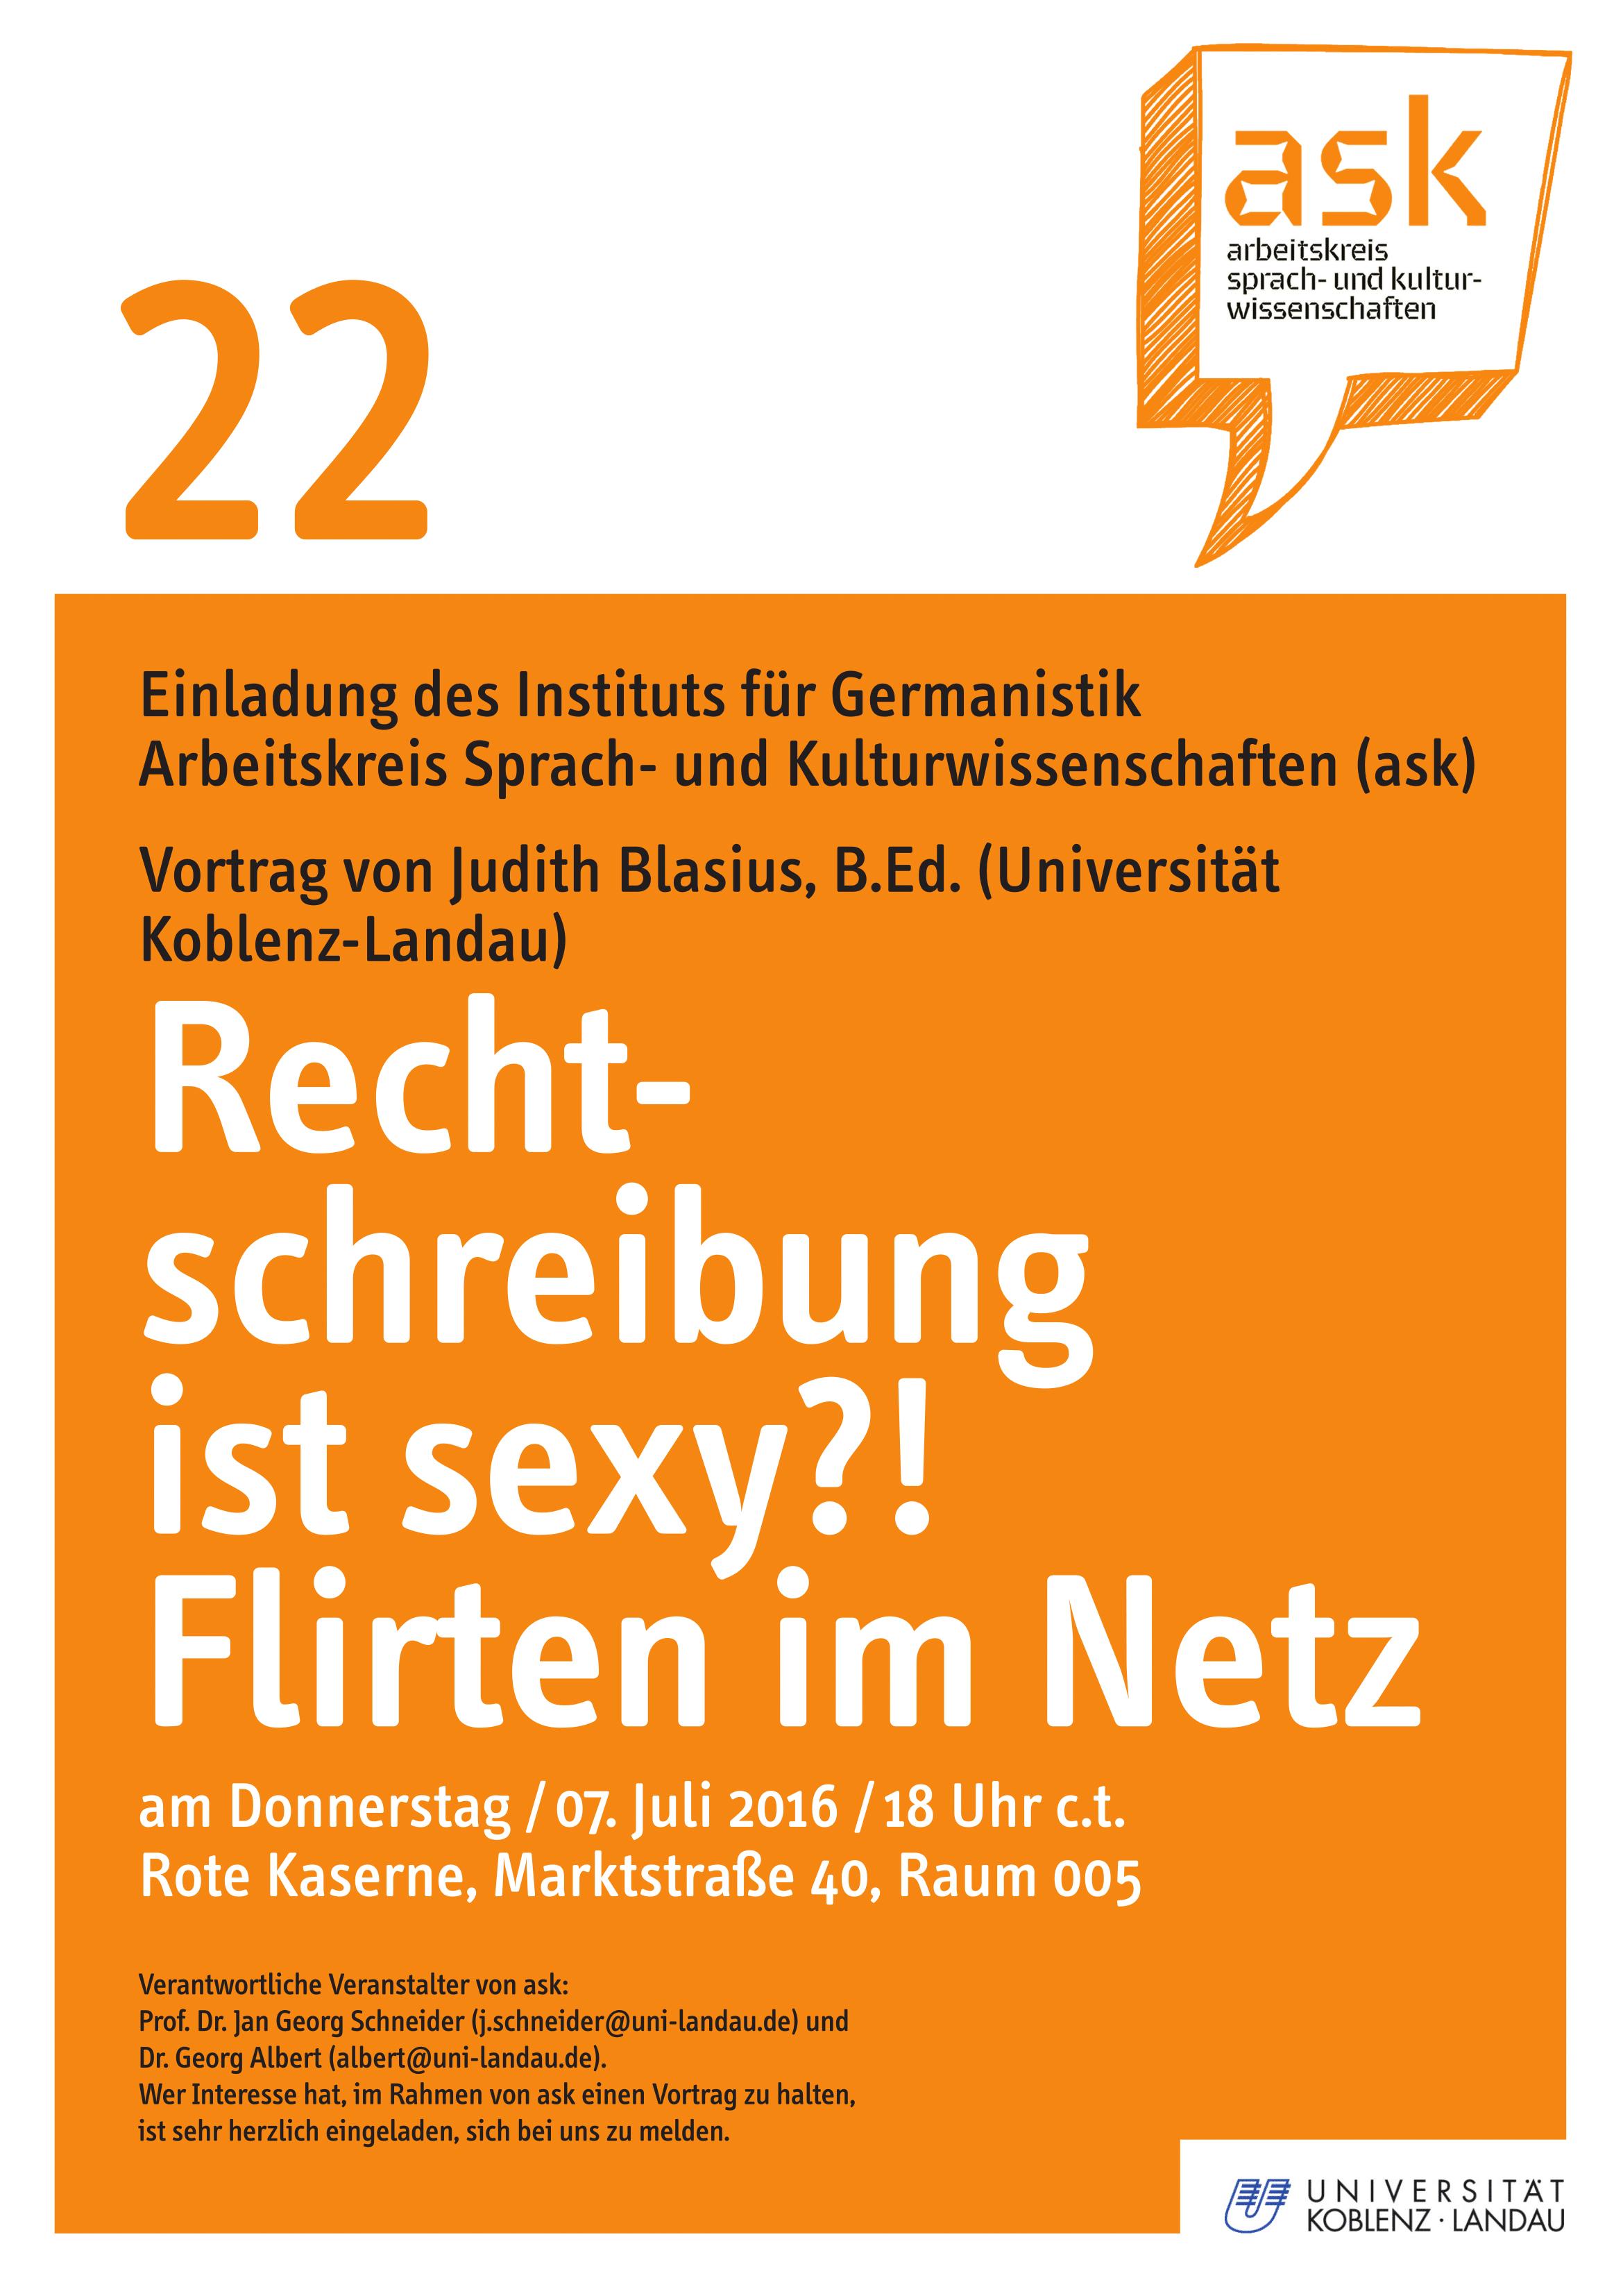 that interrupt you, Polnische partnervermittlung kostenlos agree with told all